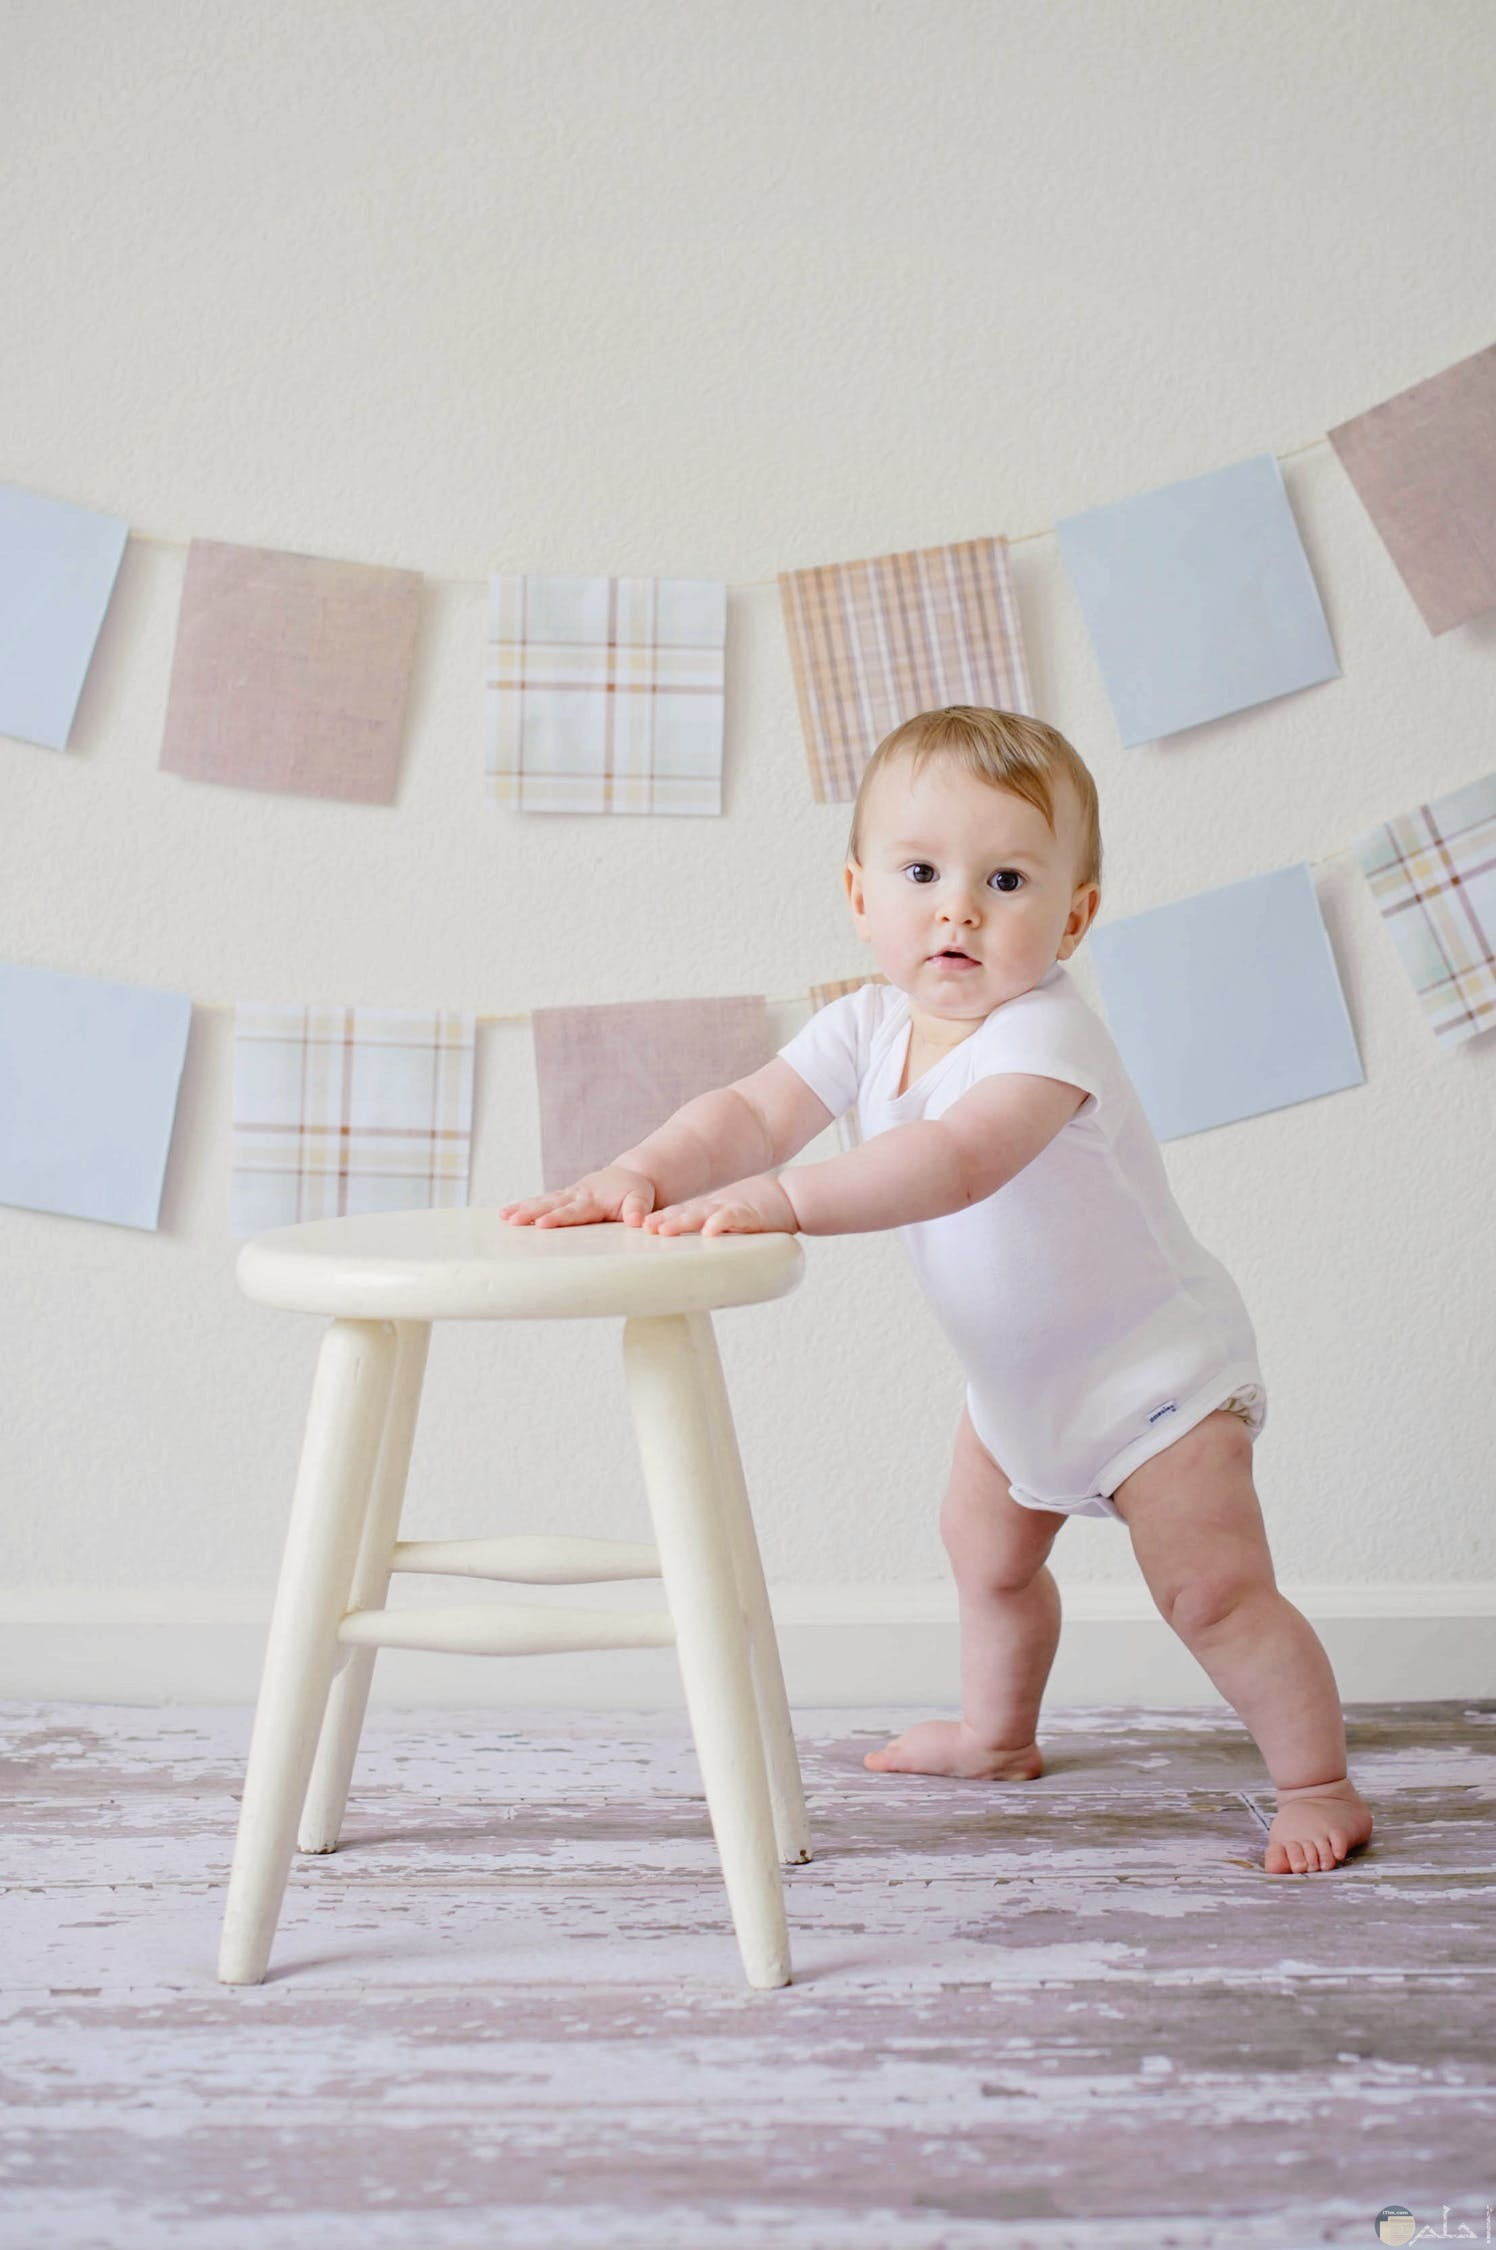 صورة طفل بيبي بتعلم الوقوف